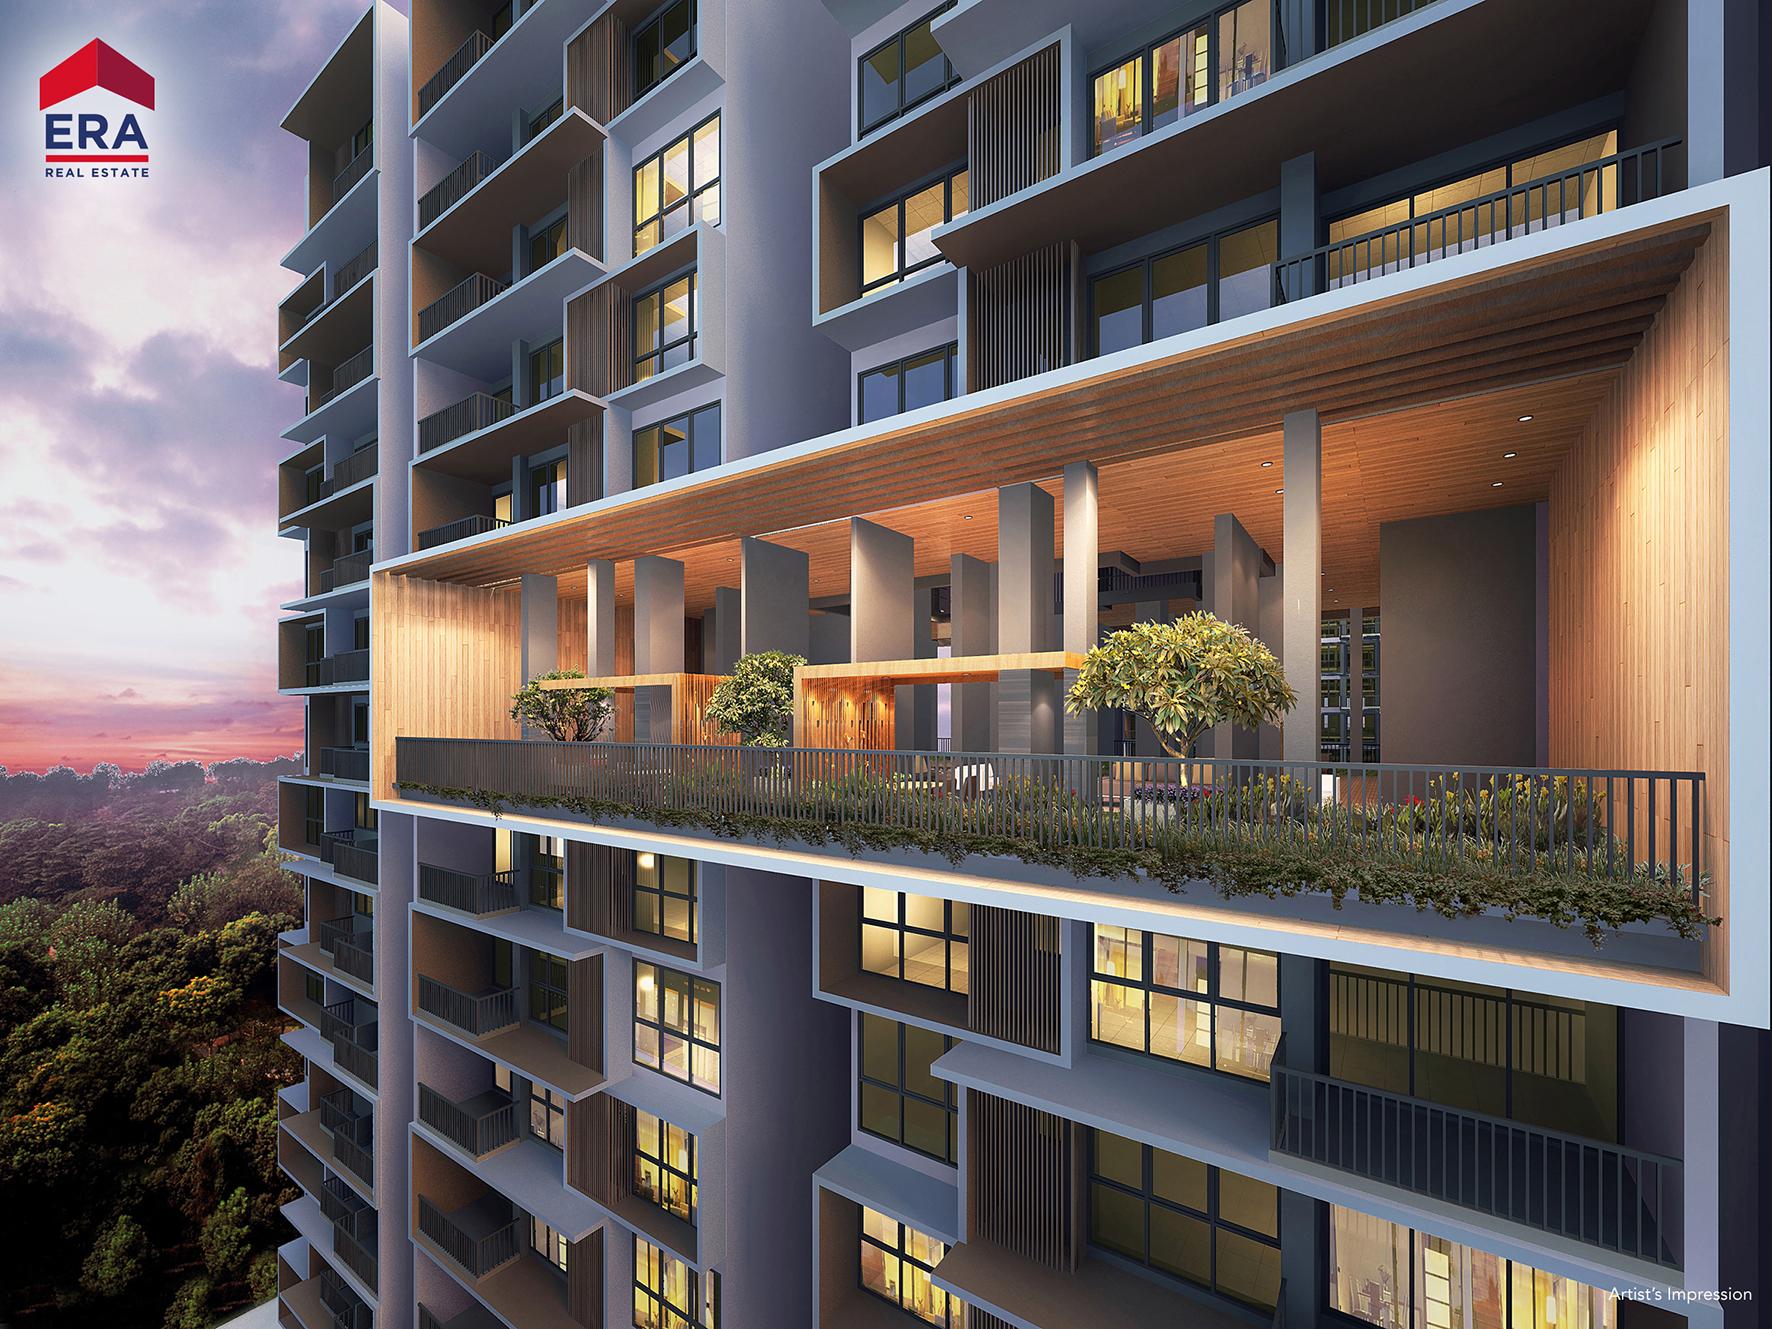 Inz Residence EC Sky Garden